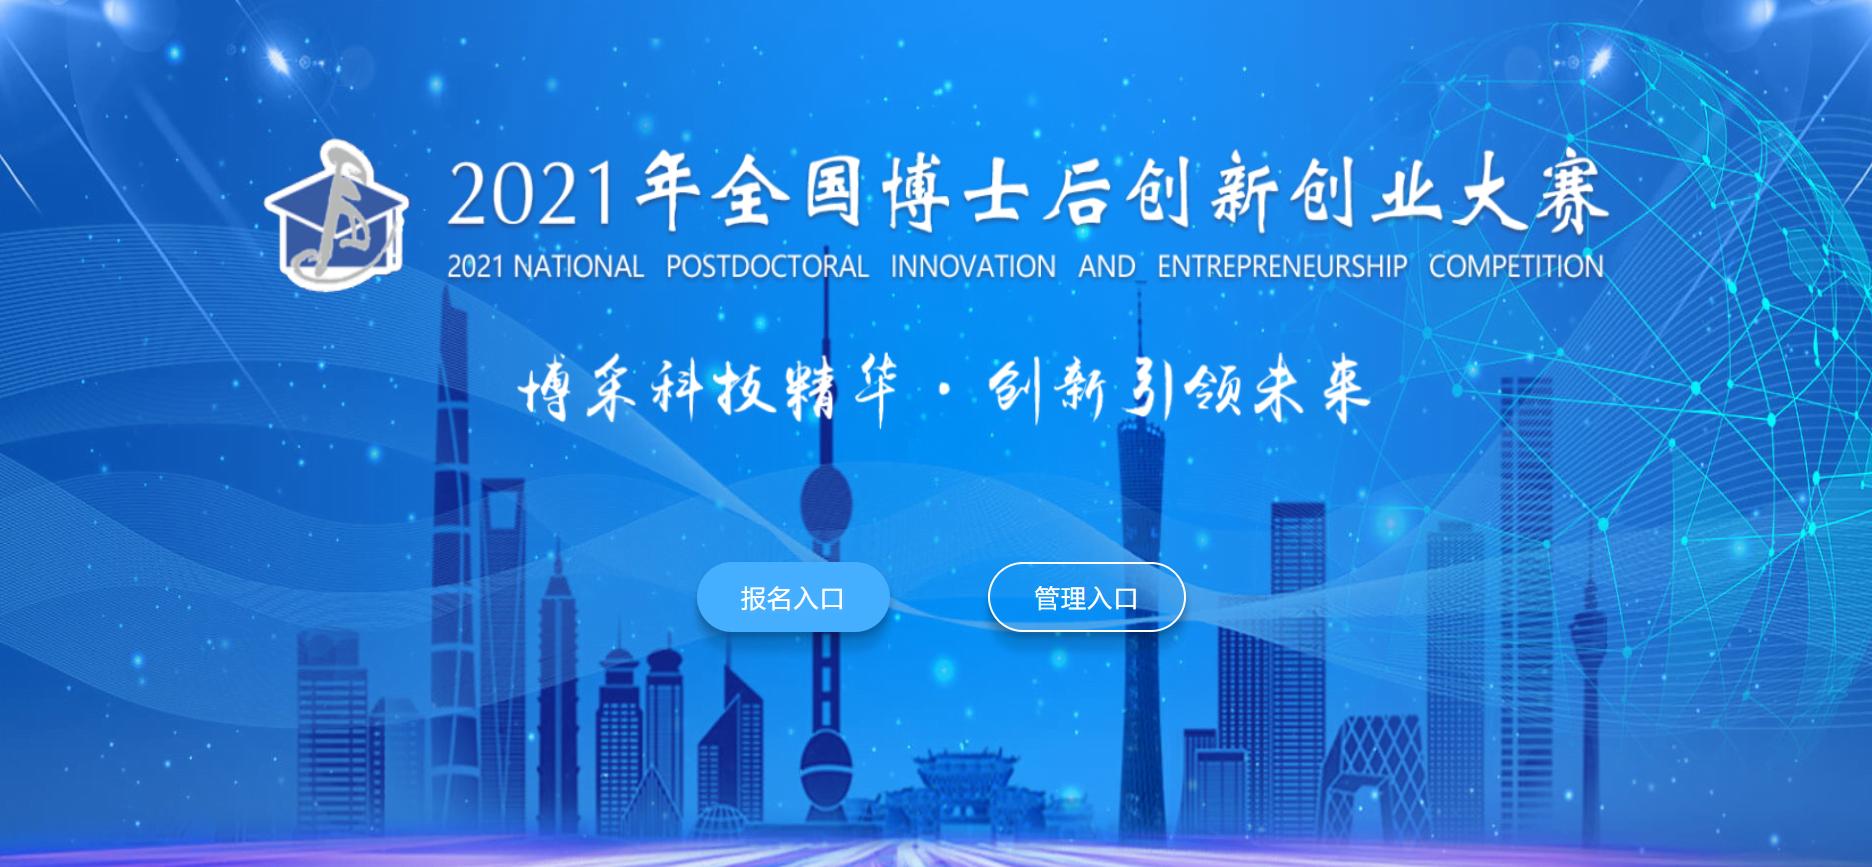 博士后创新创业大赛logo